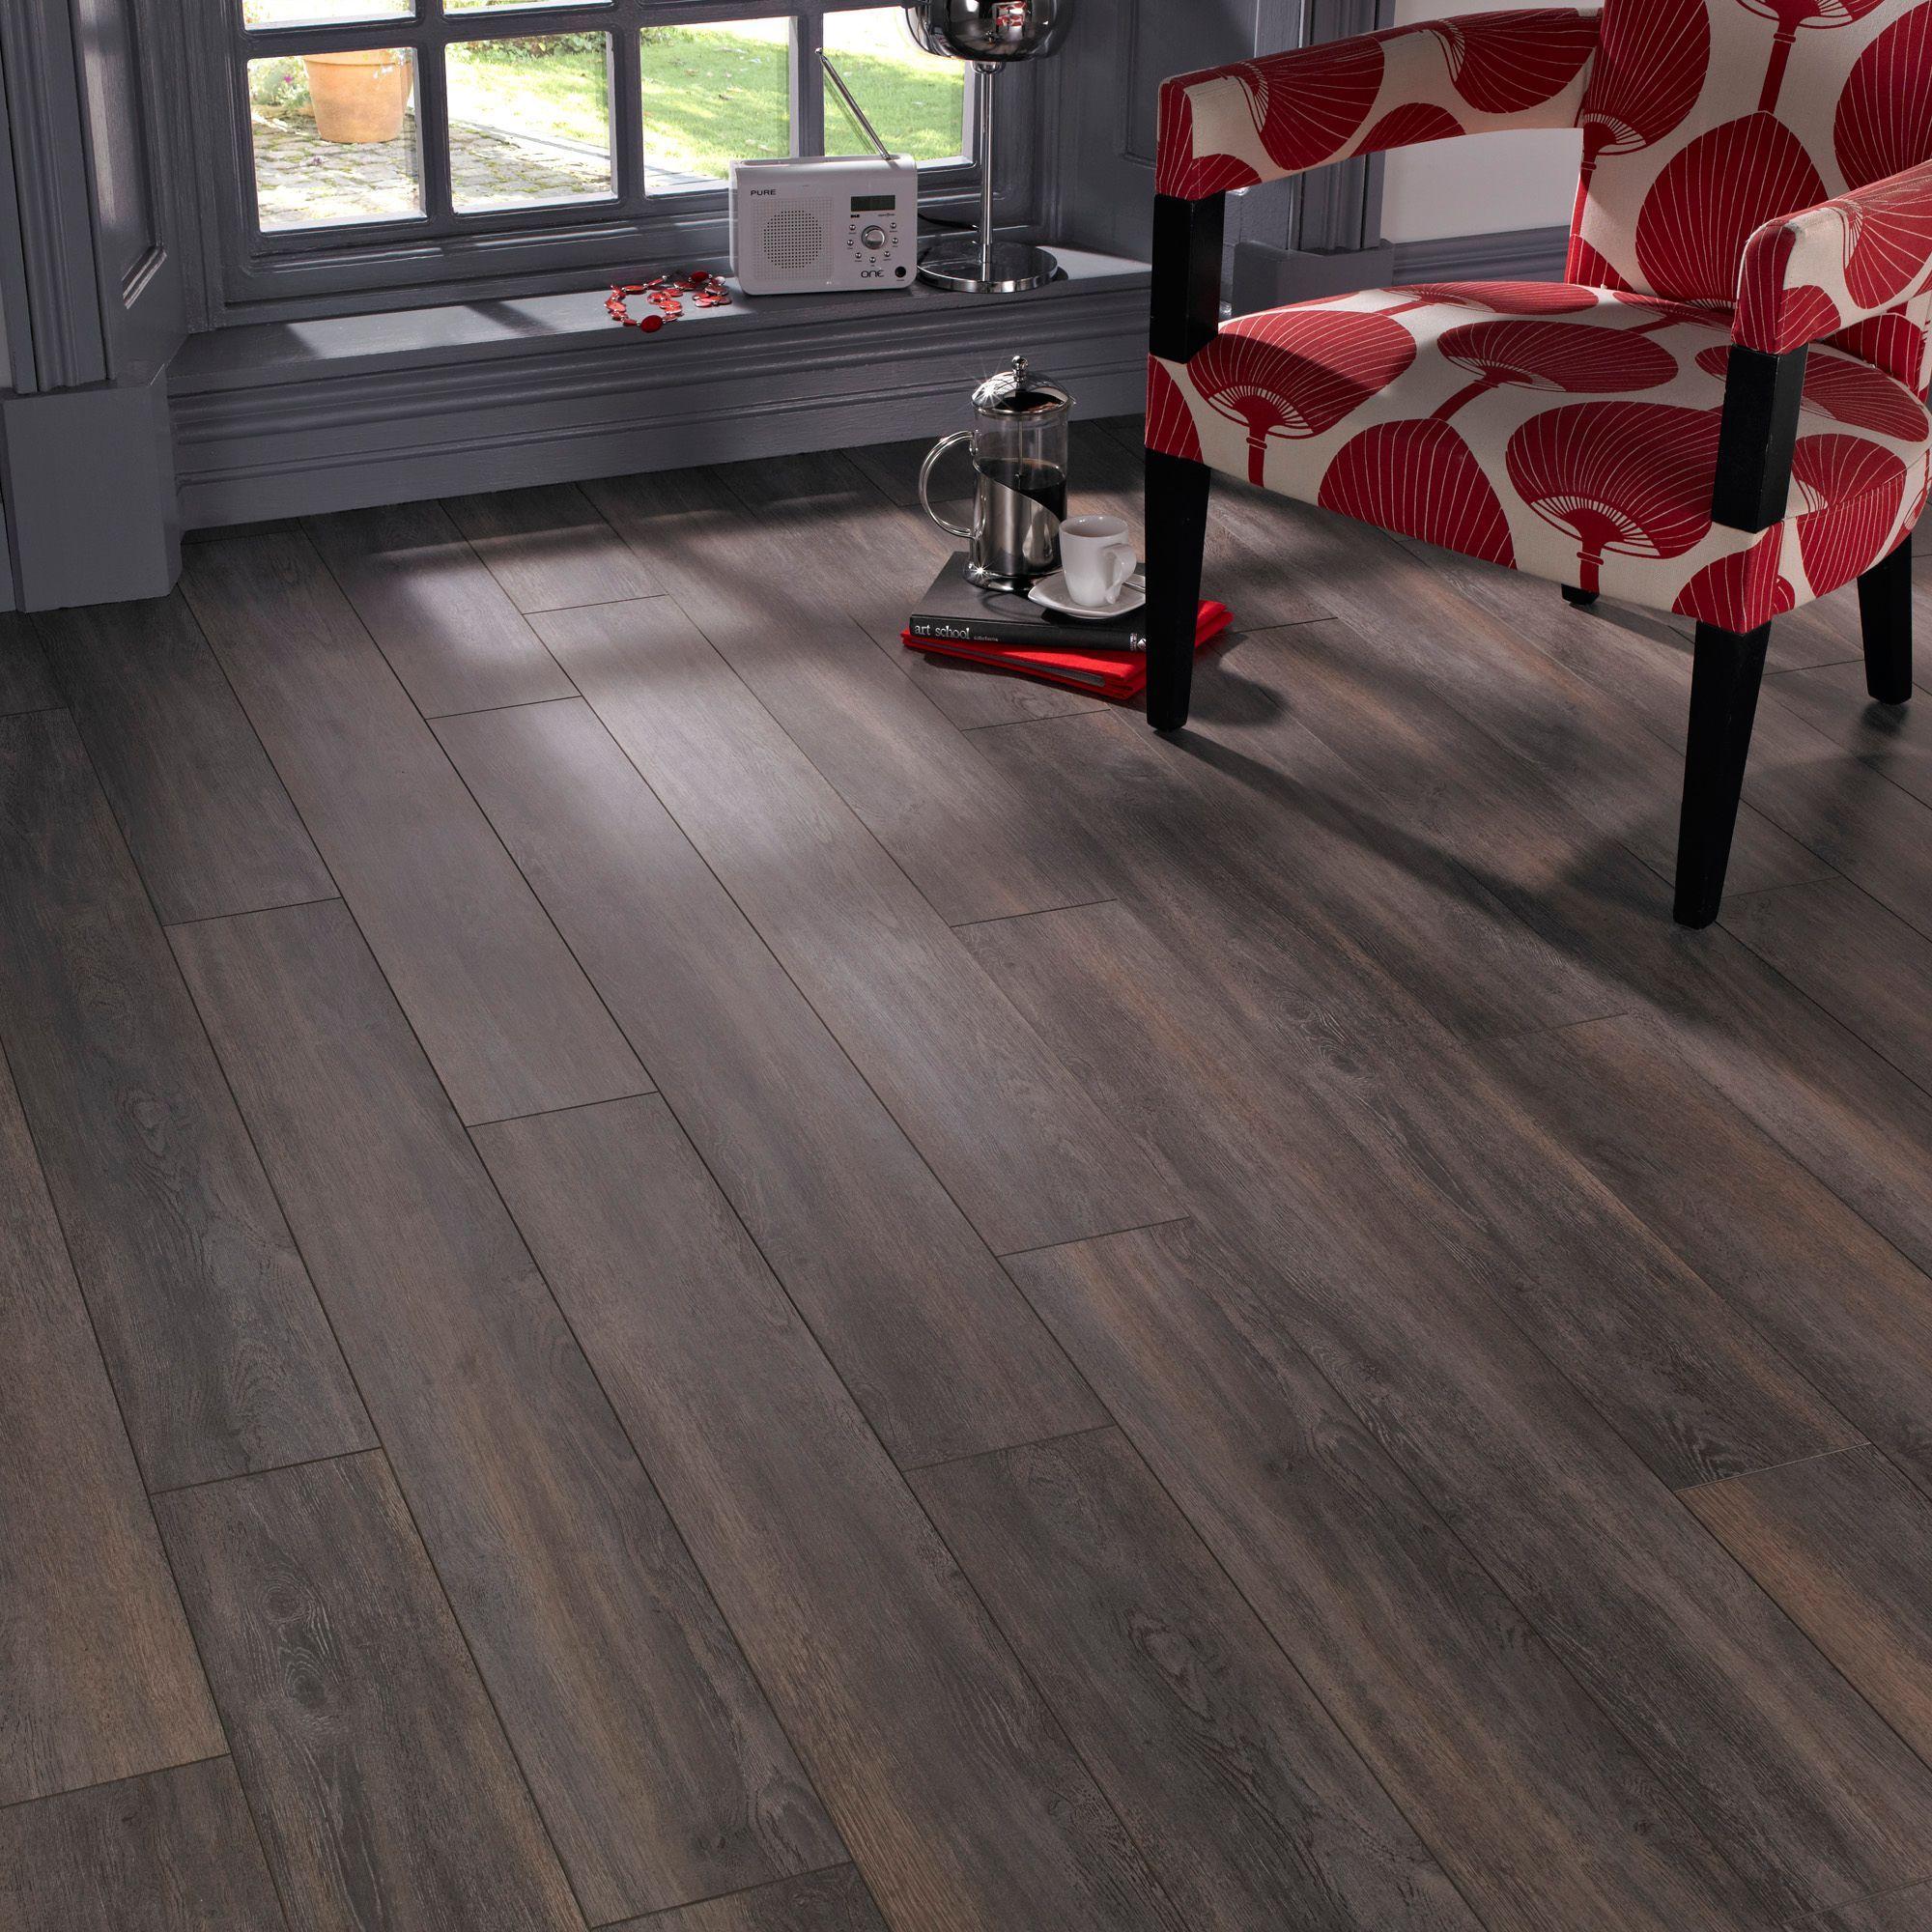 Bq Kitchen Laminate Flooring Belcanto Seville Spruce Effect Laminate Flooring 2 Ma2 Pack Dark